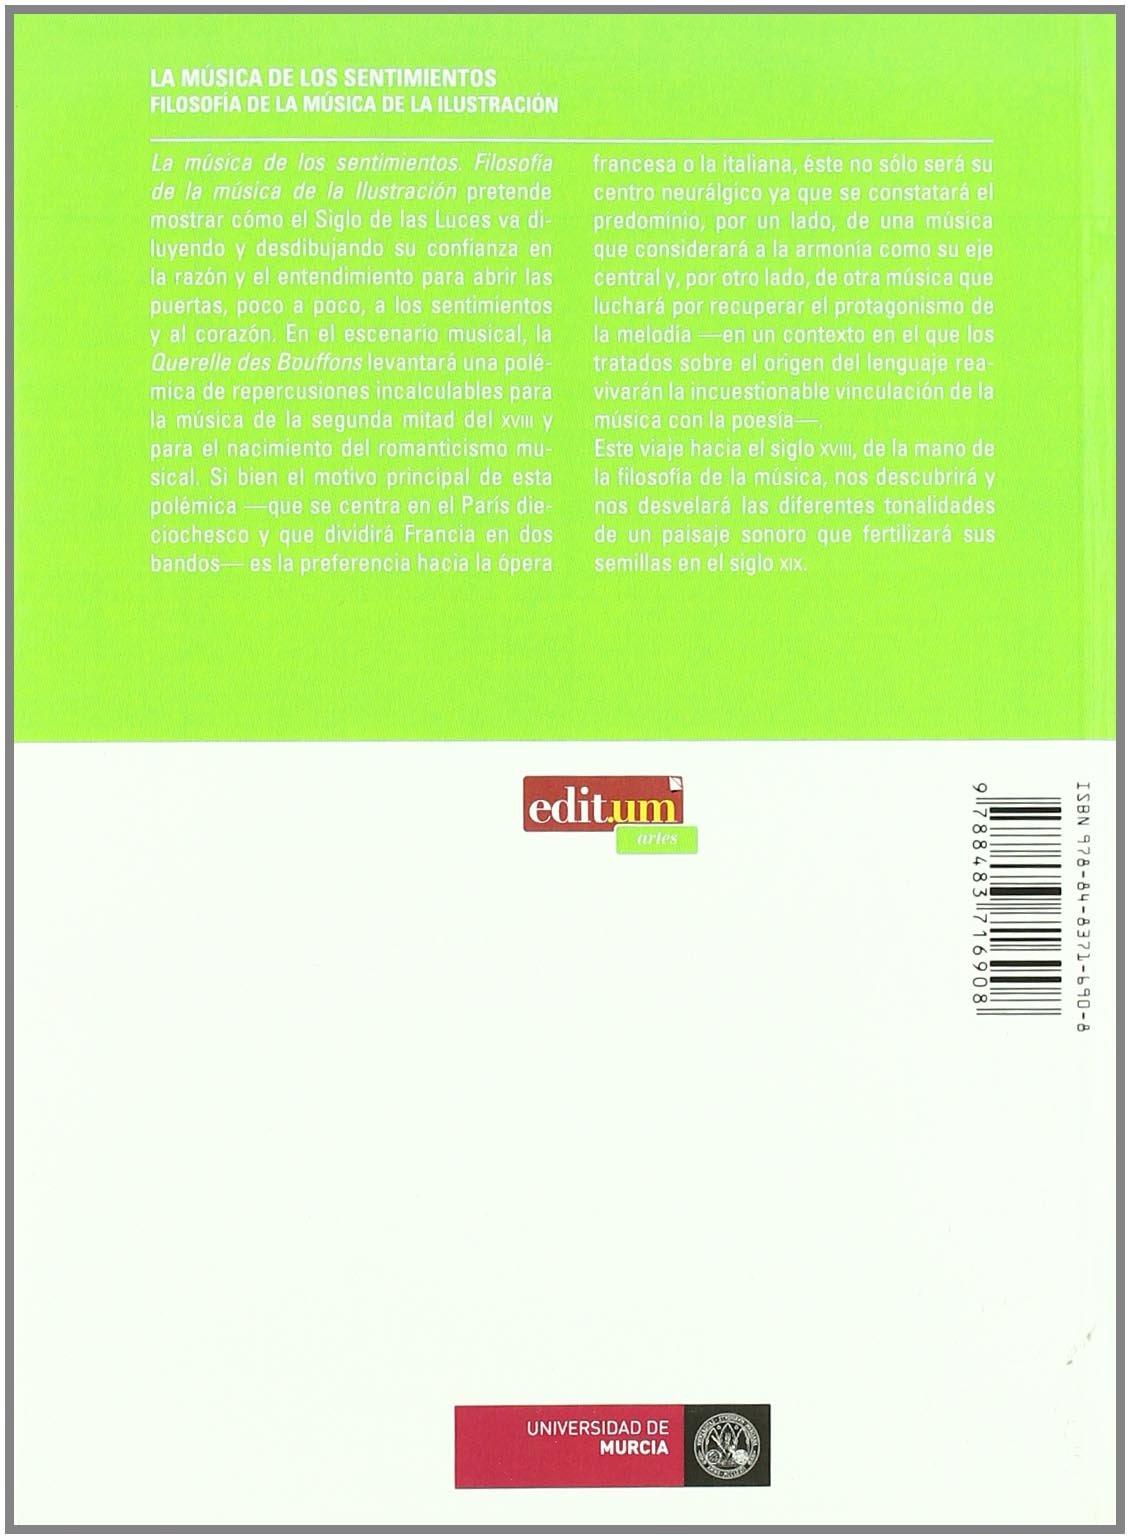 La Música de los Sentimientos 2ª Edición: Filosofía de la música ...